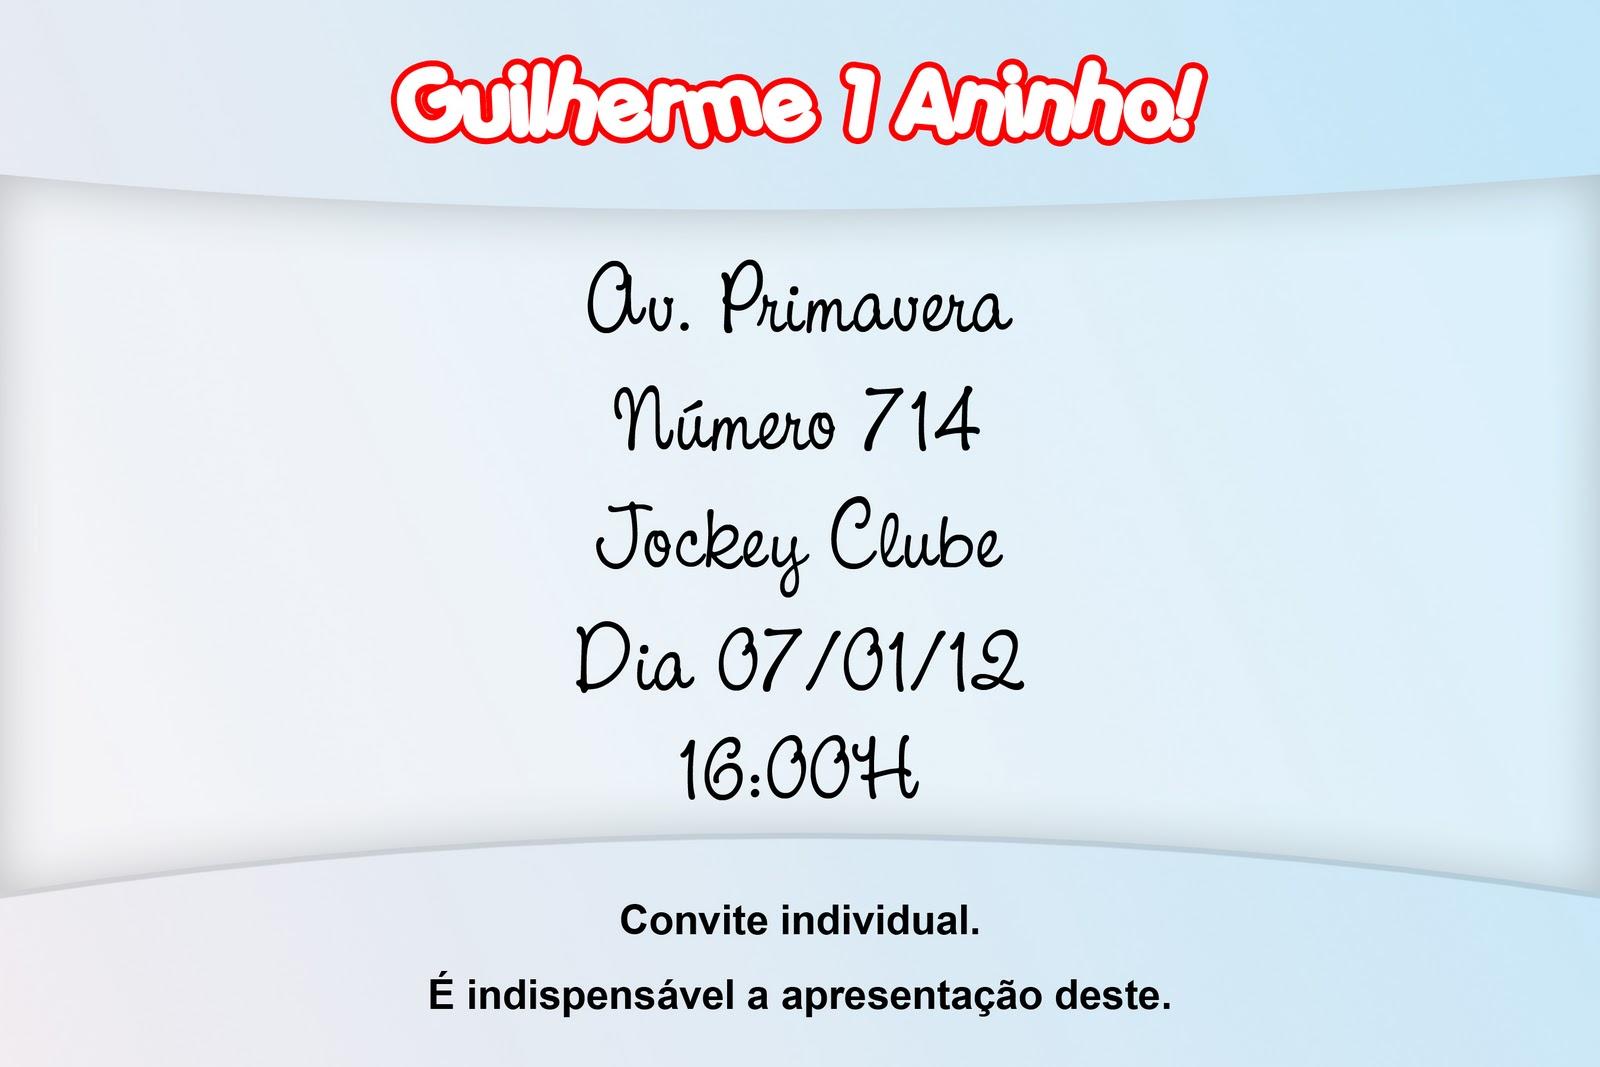 http://3.bp.blogspot.com/-8FlxK4yJJYQ/Tvr9Ymfds4I/AAAAAAAAAQI/2YaY-YUwahc/s1600/convite-individual.jpg